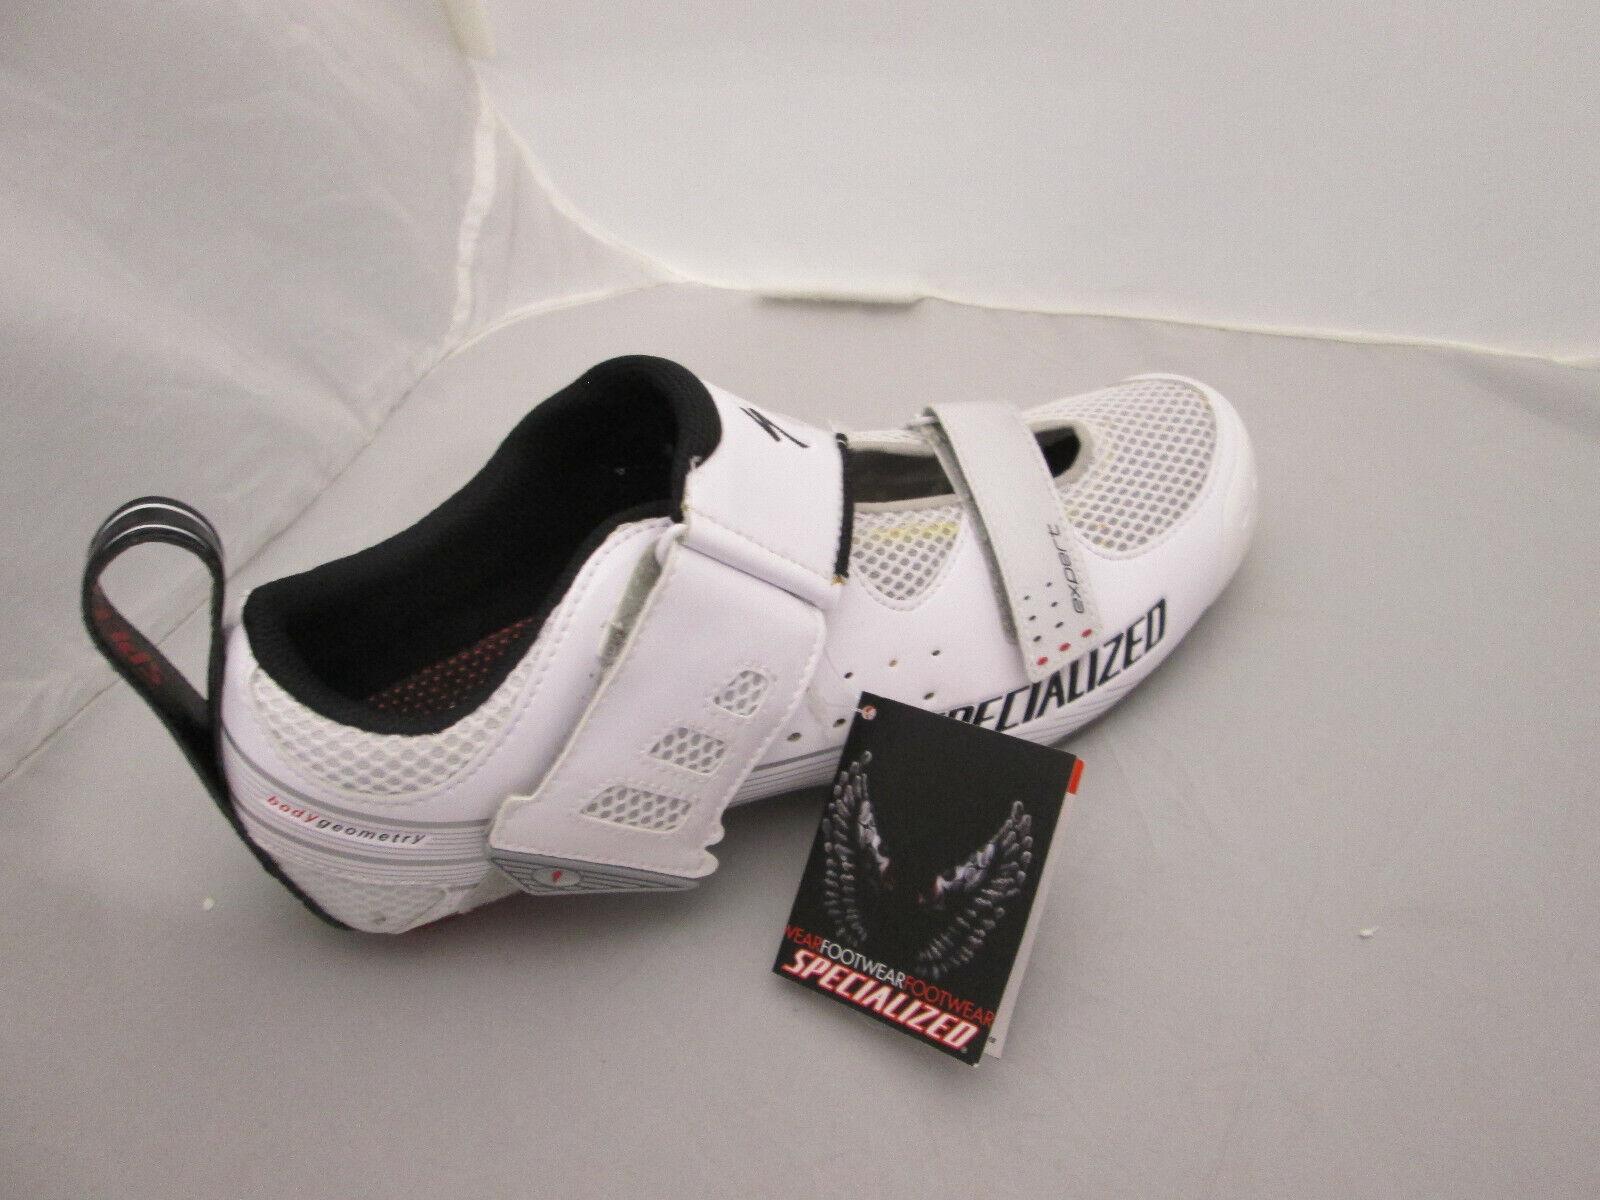 Specialized Trivent Expert Zapato De  Ciclismo blancoo Rojo Zapato derecho sólo-EU 45.5 Nuevo  garantía de crédito